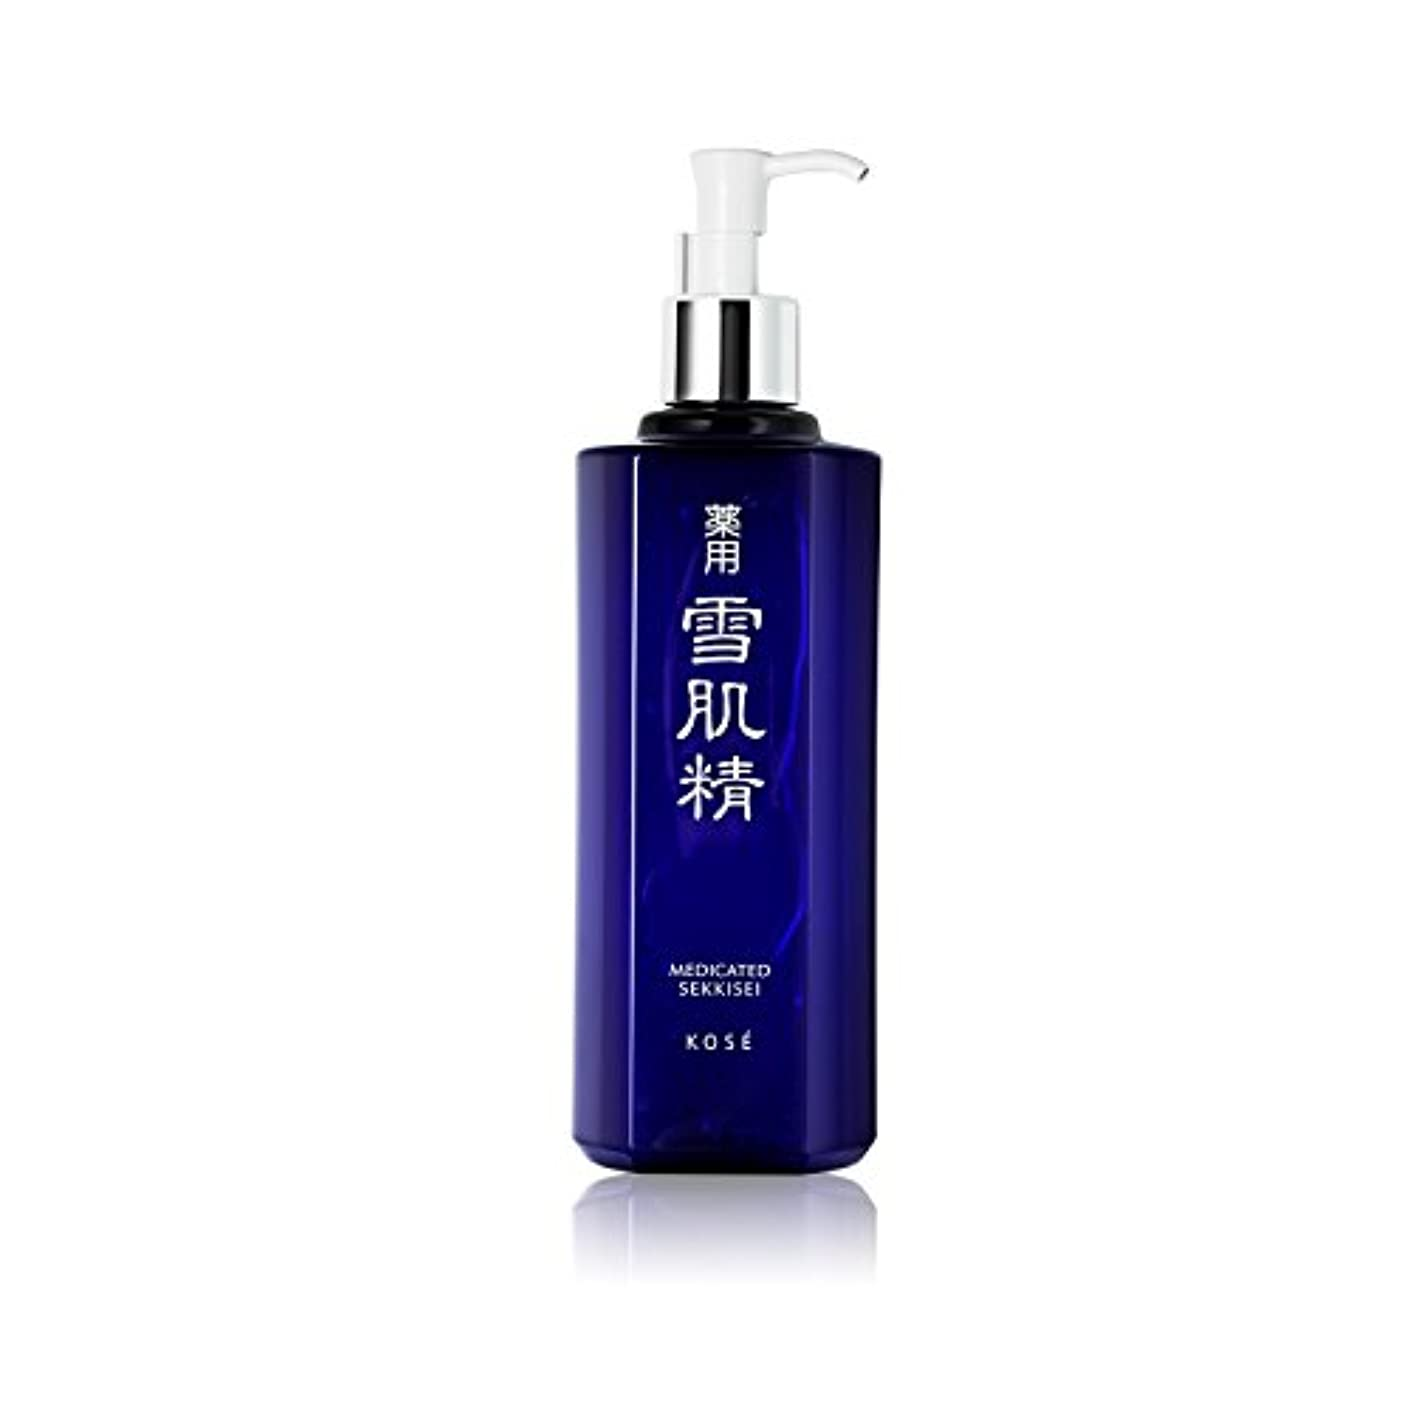 配当尋ねる強化【コーセー】薬用雪肌精 スーパービッグボトル 500ml